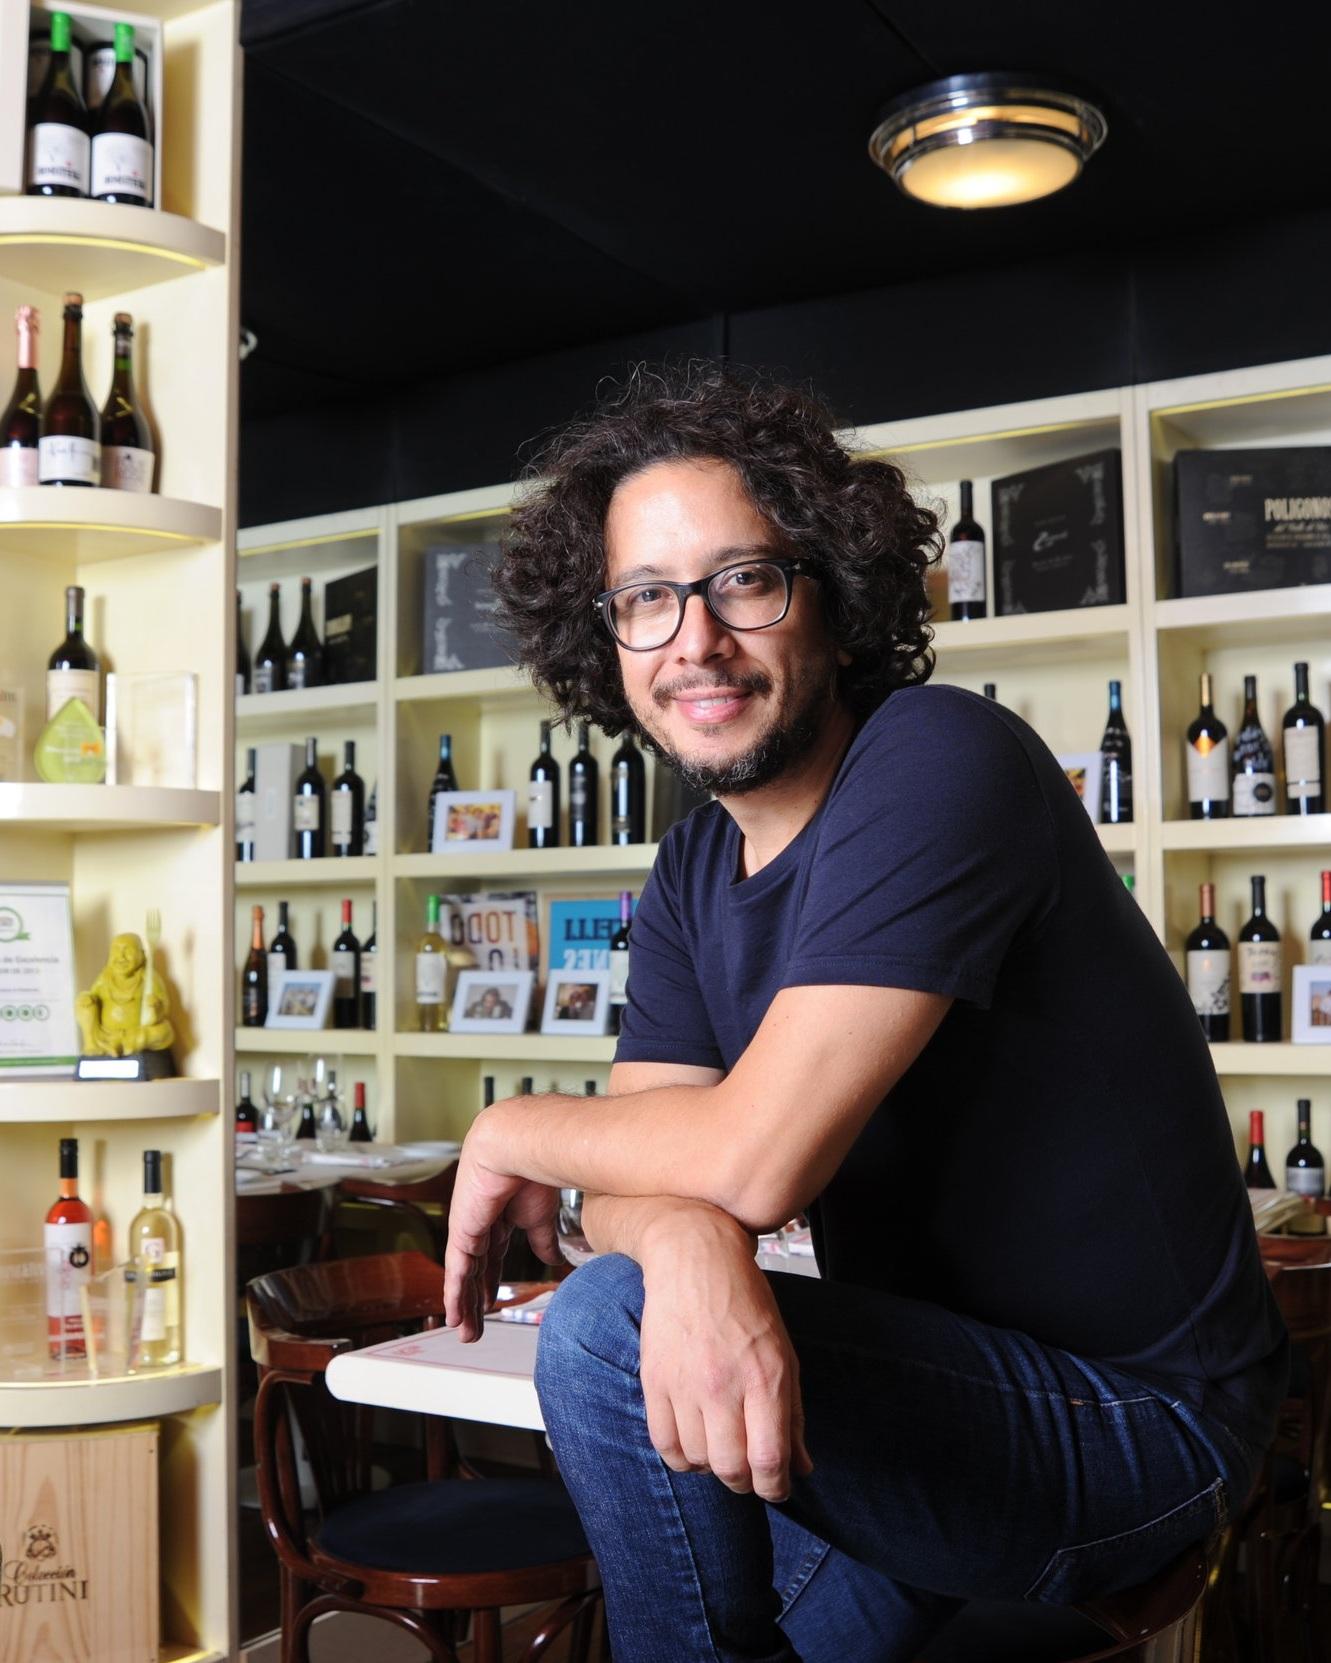 """""""Si bien vamos sumando novedades, mantenemos el espíritu con el cual lo soñamos: ofrecer una guía simple, sencilla y completa para ayudar al consumidor a la hora de elegir un vino"""" - Aldo Graziani, alma matter del libro."""